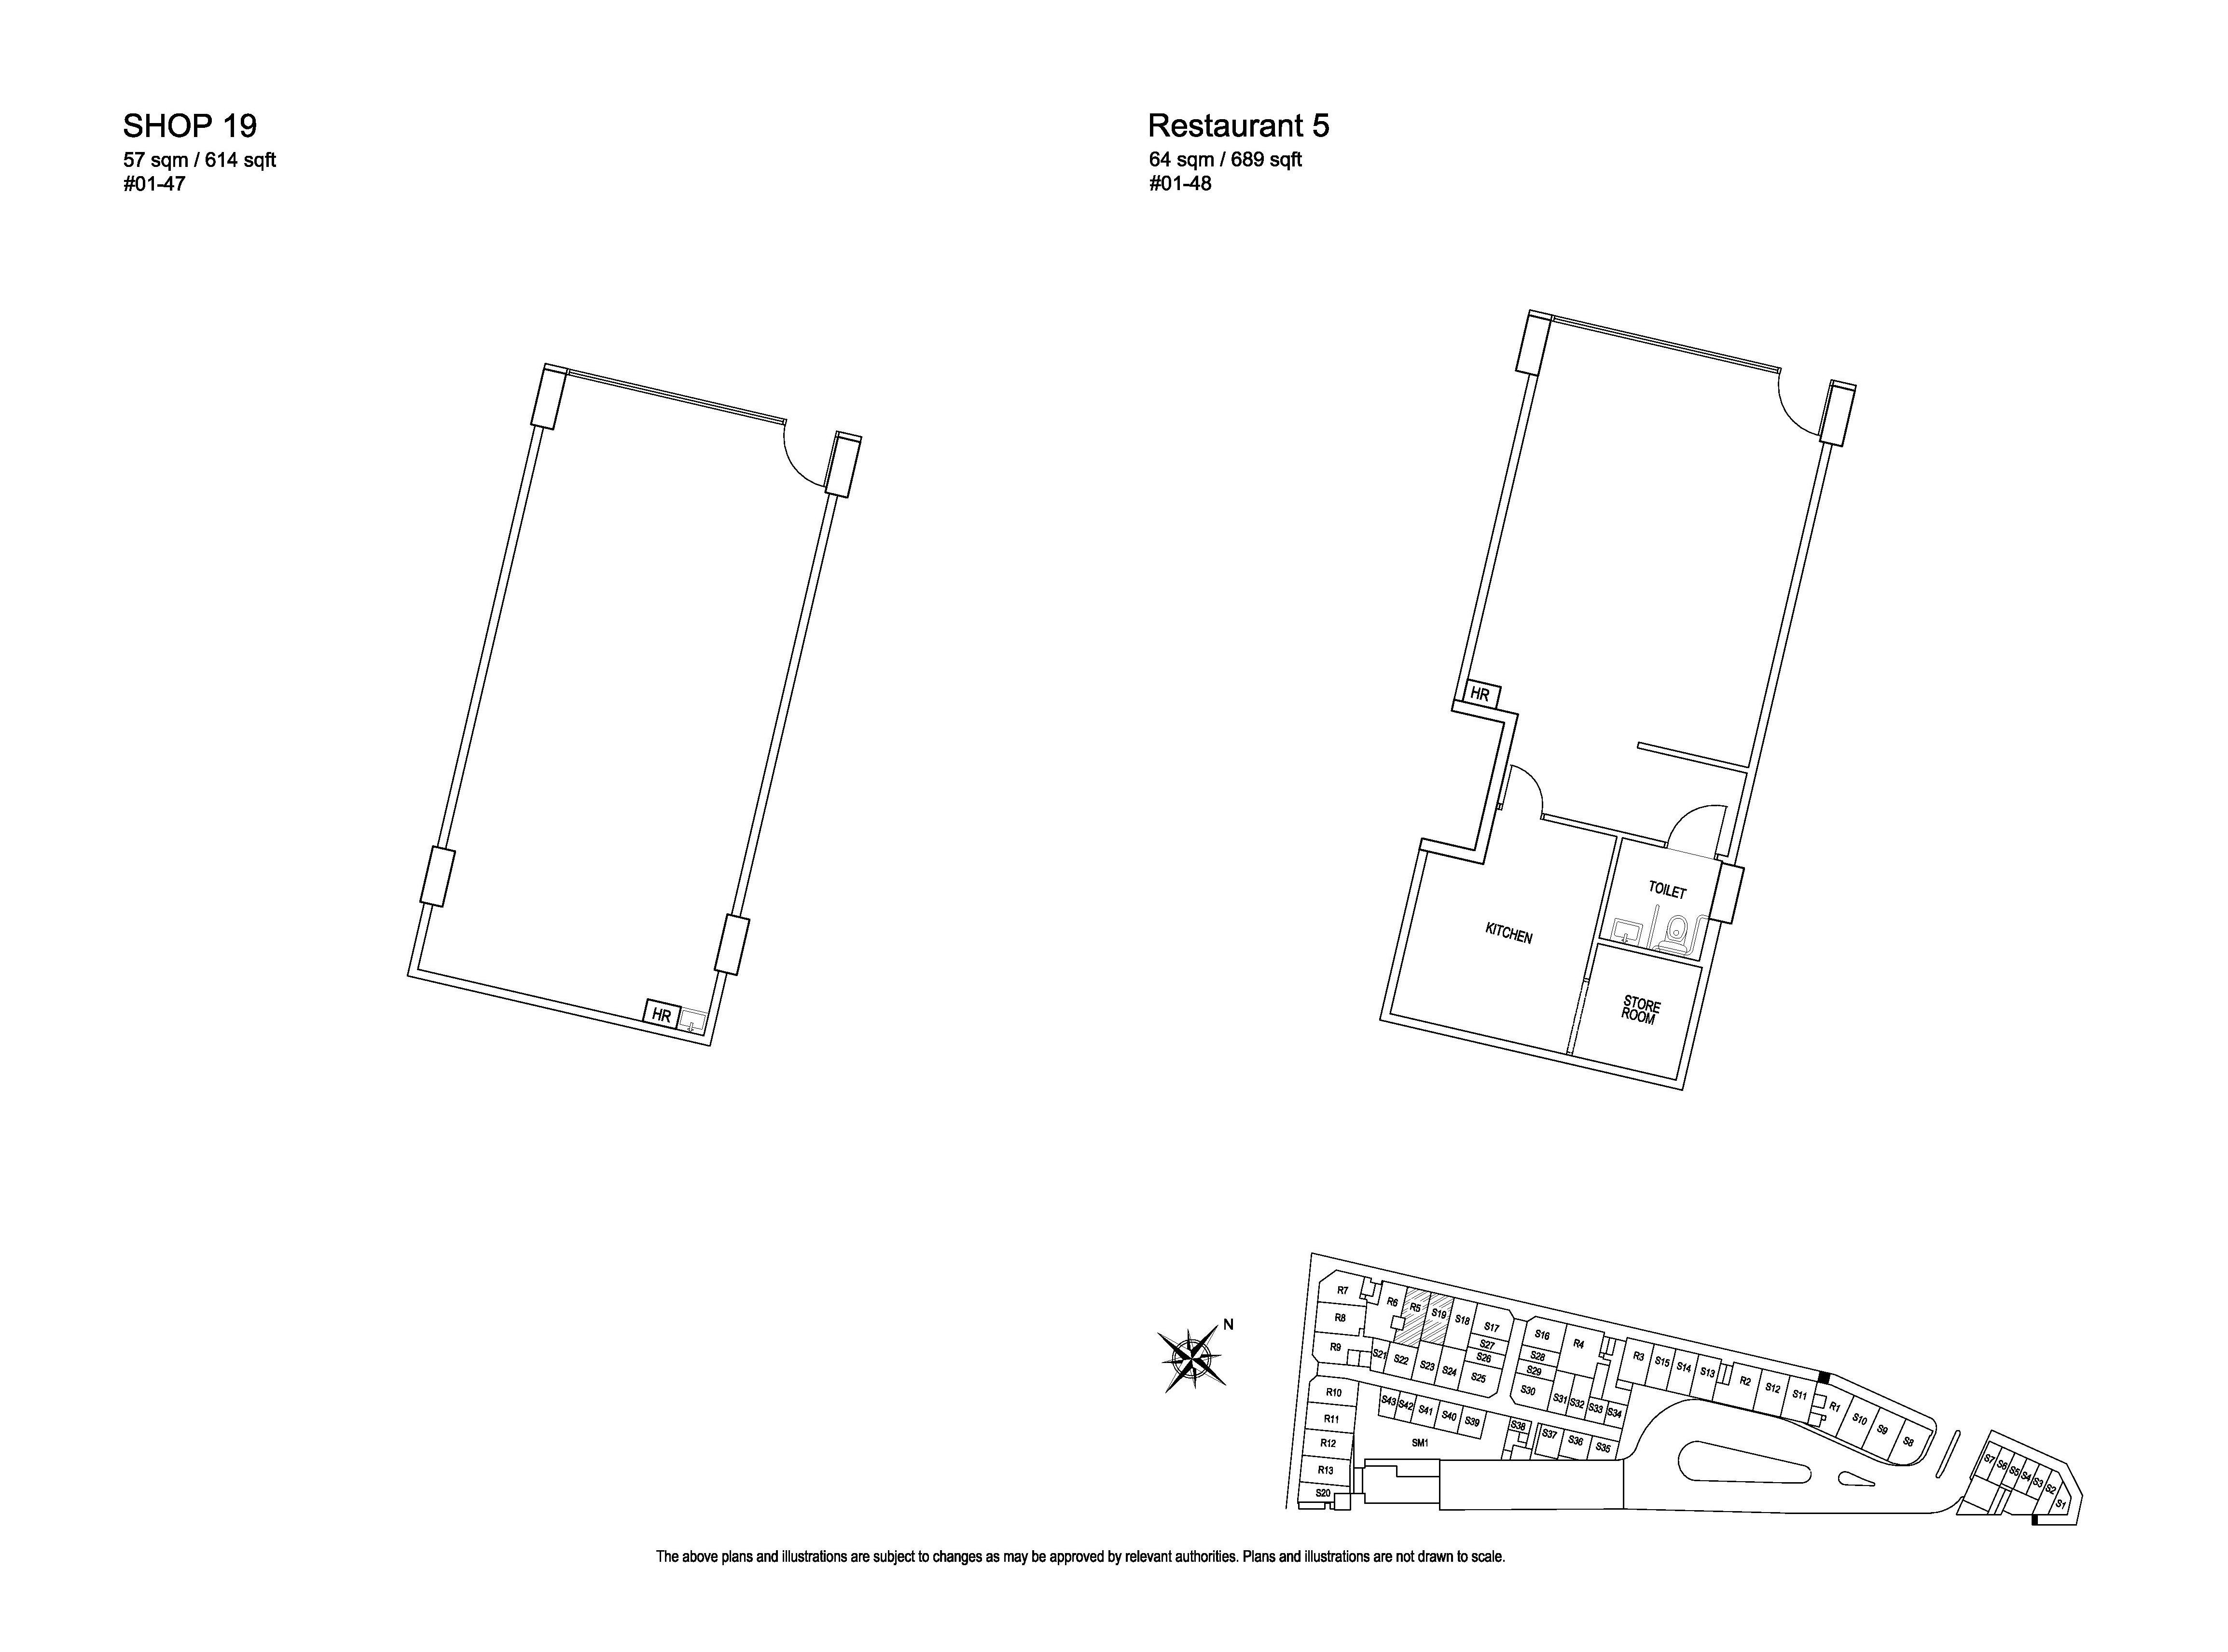 Kensington Square Shop 19, Restaurant 5 Floor Plans